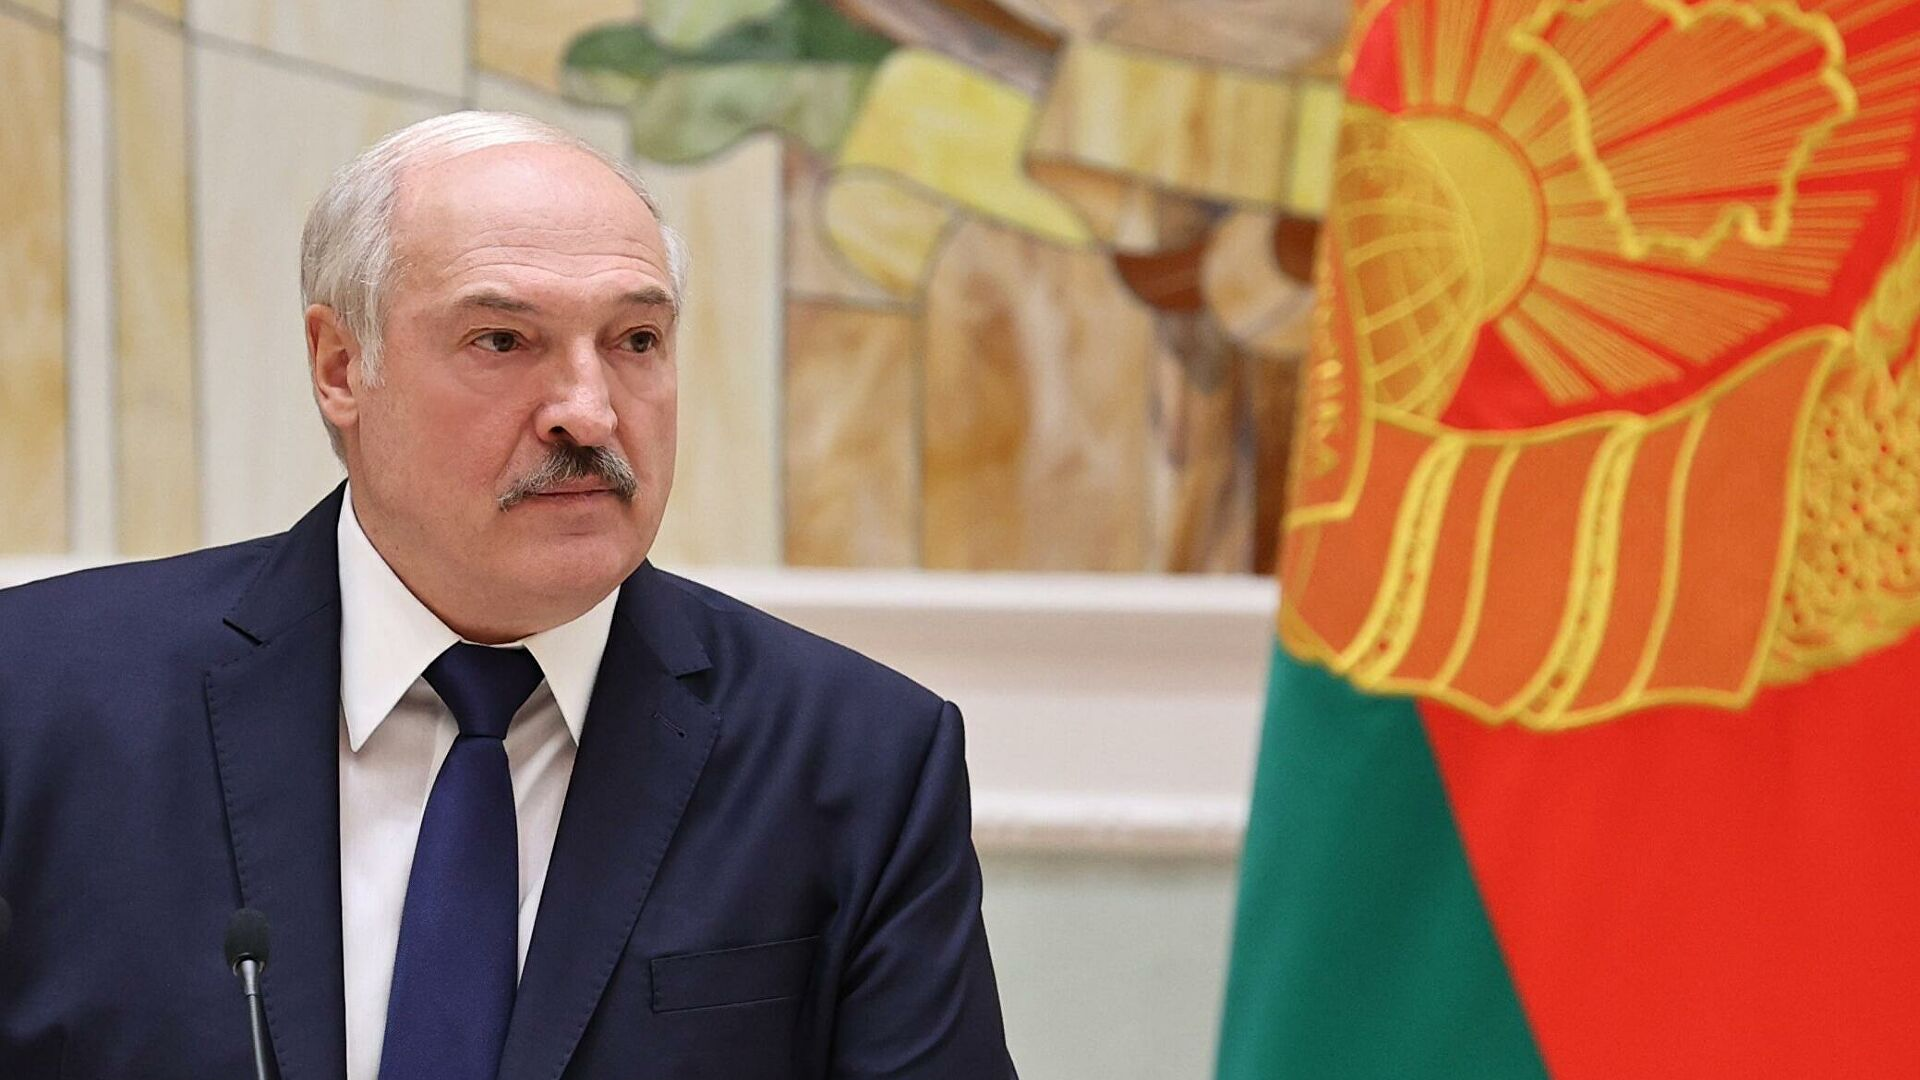 Lukašenko o sankcijama EU: Ako žele probleme, dobiće ih